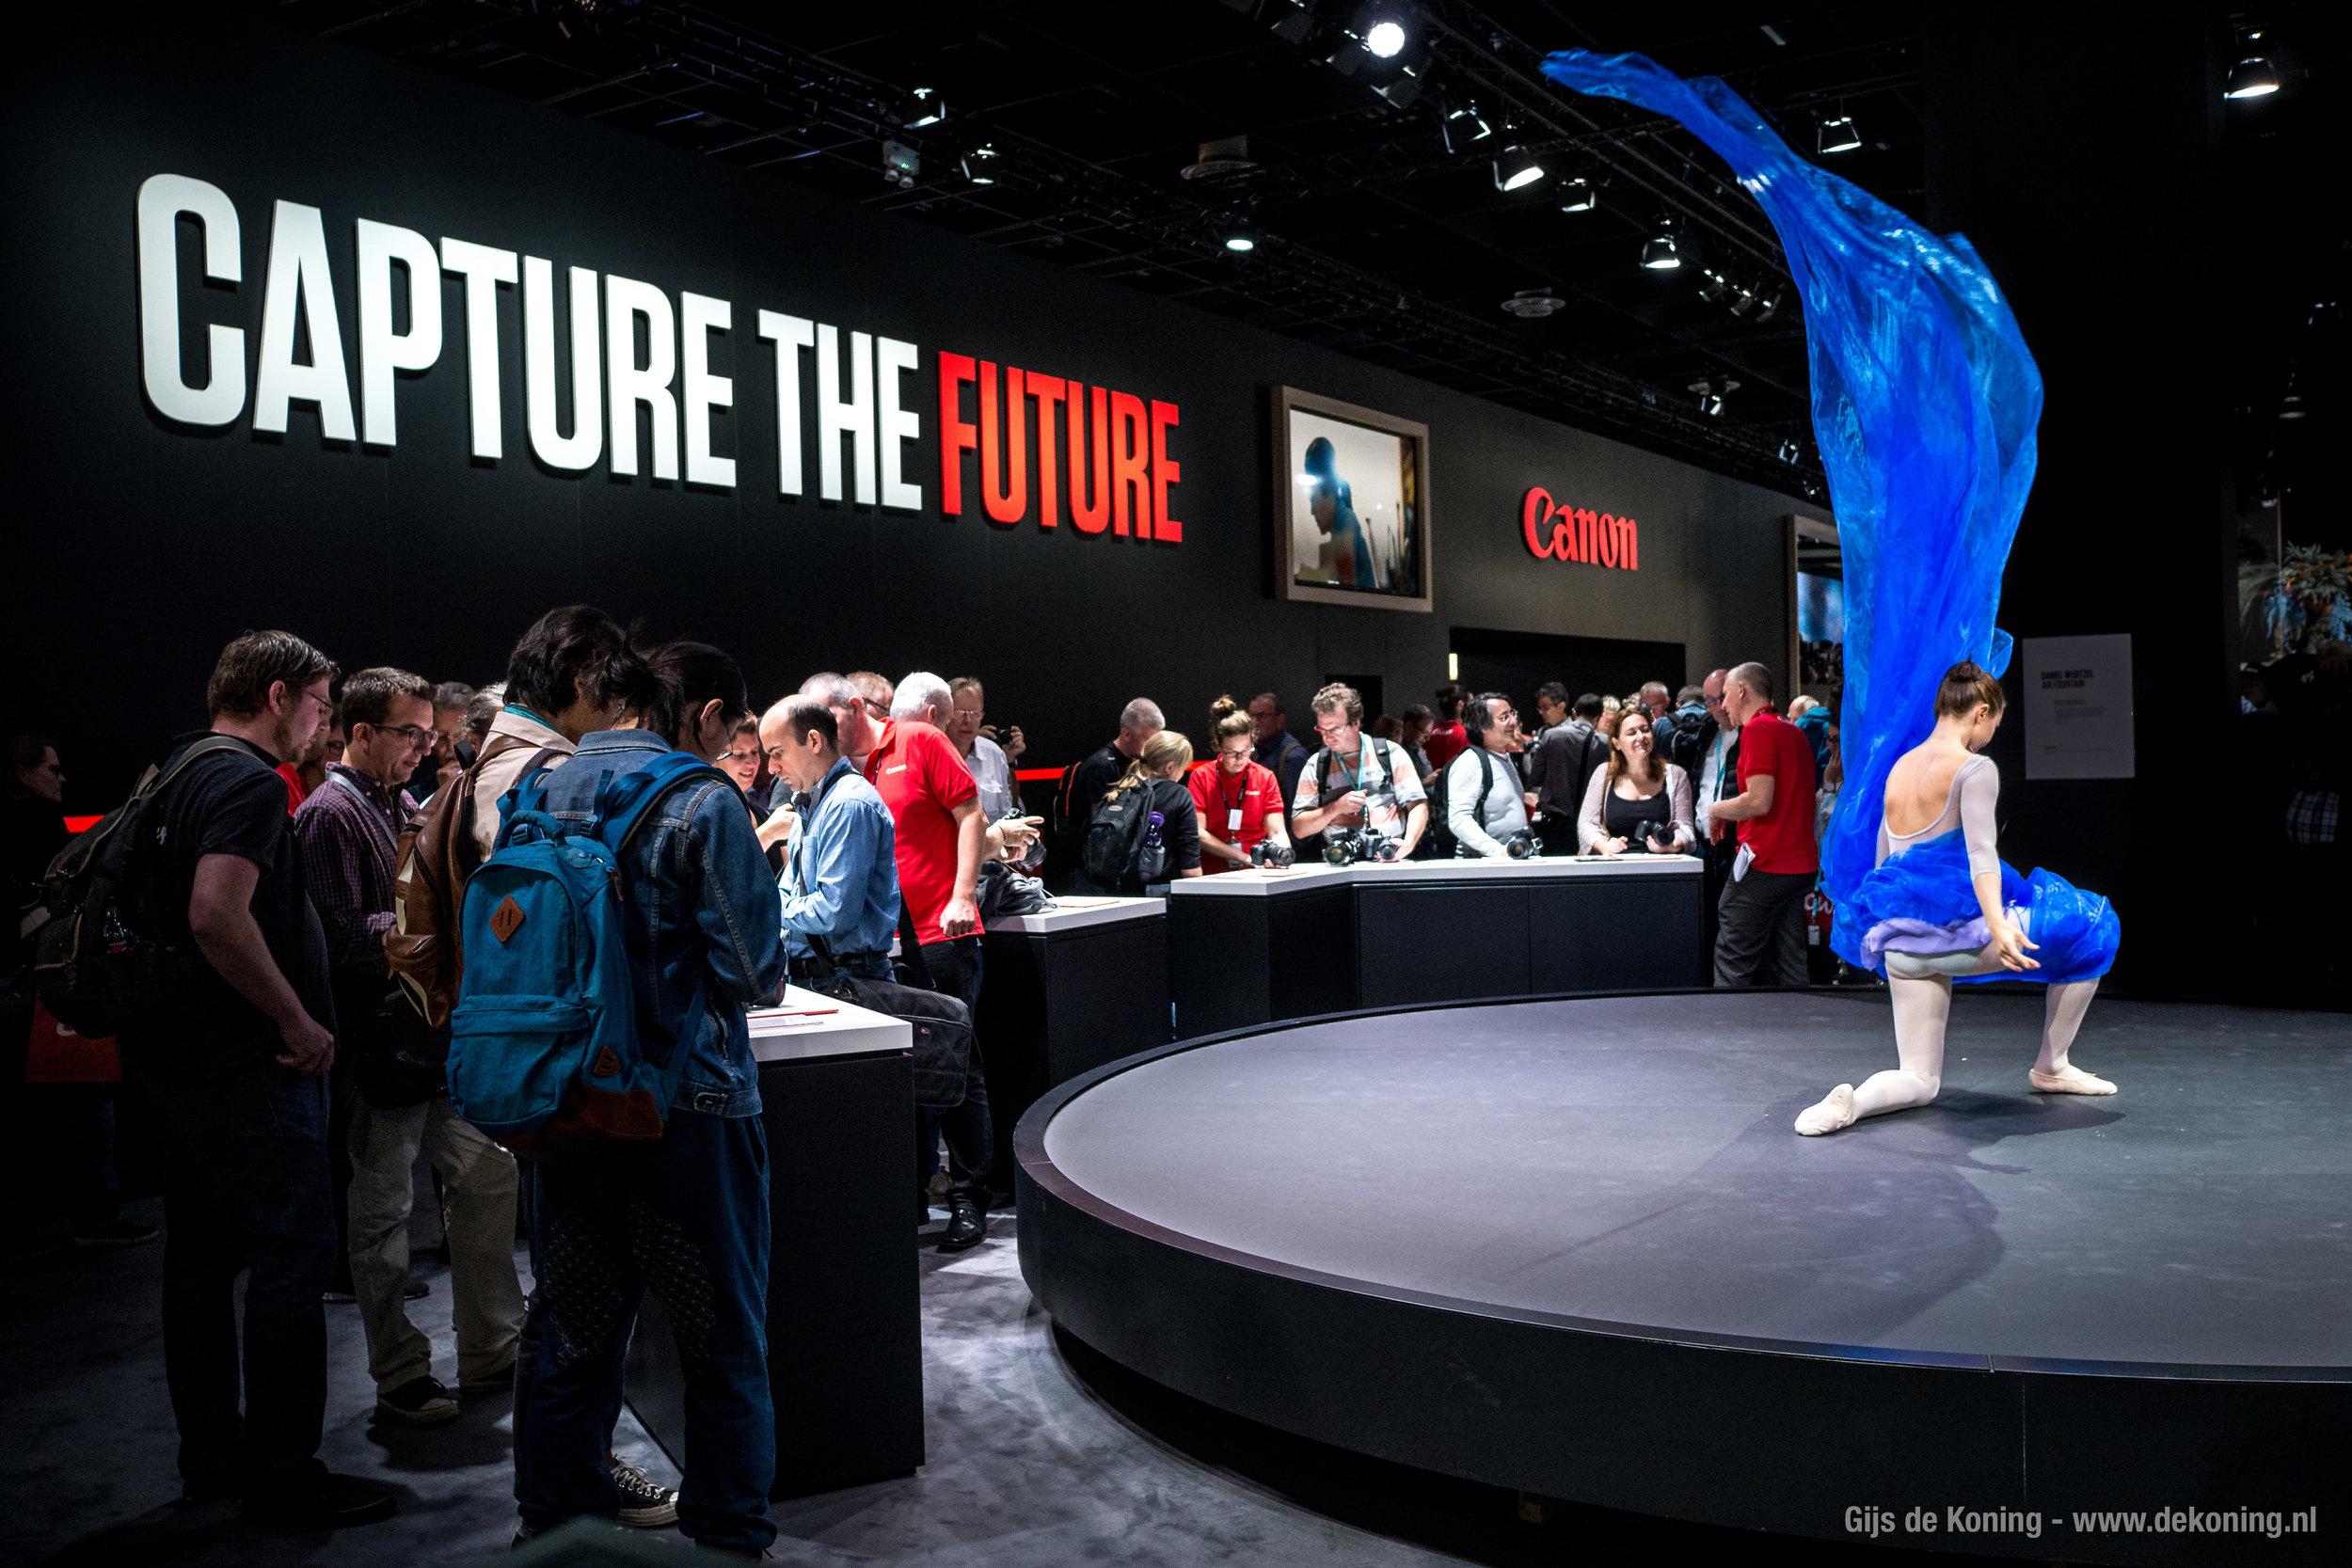 Canon demonstratie op de Photokina 2018